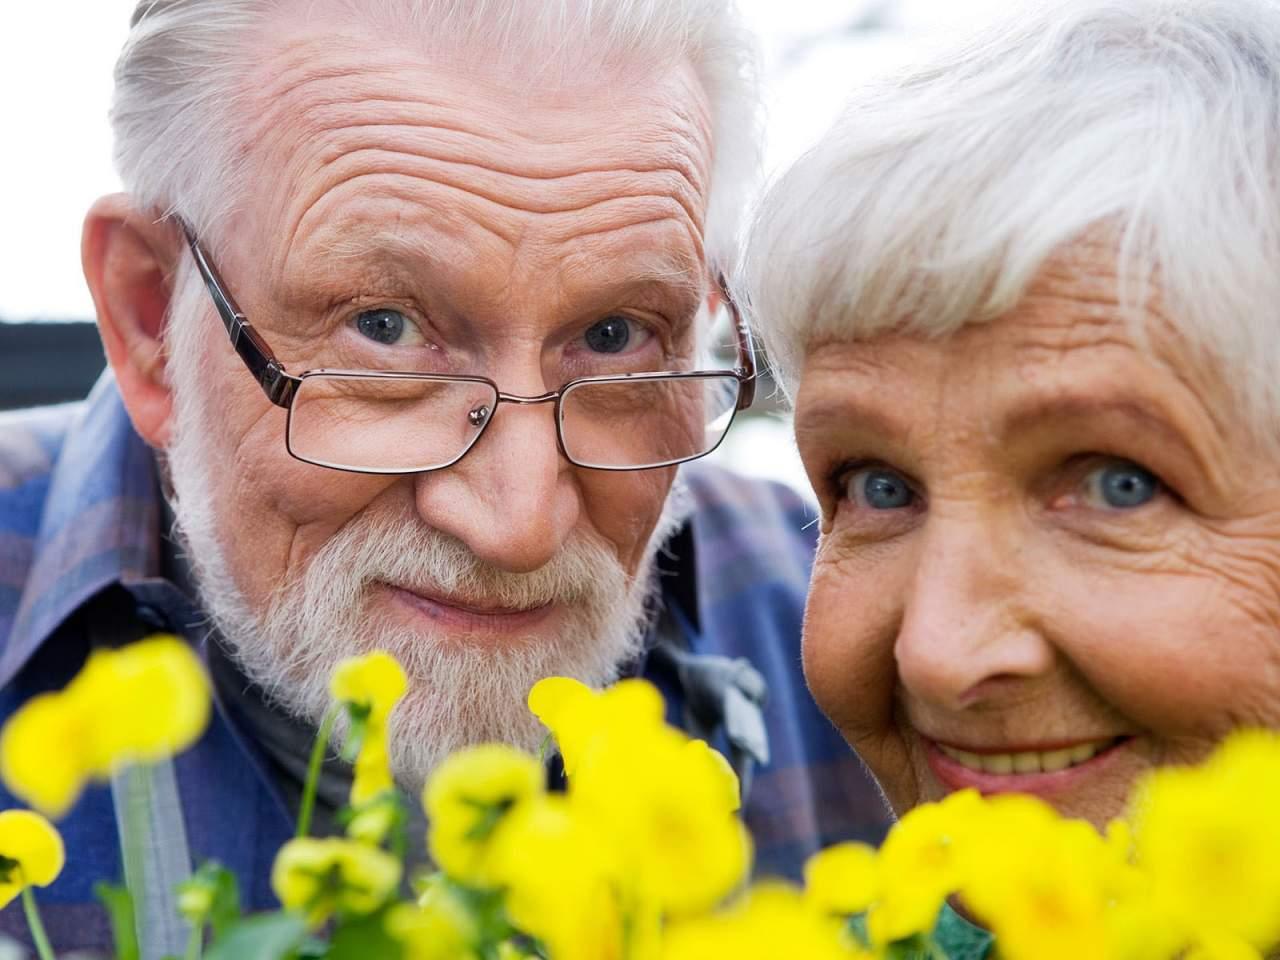 В Шотландии пенсионеры устроили дебош в отеле